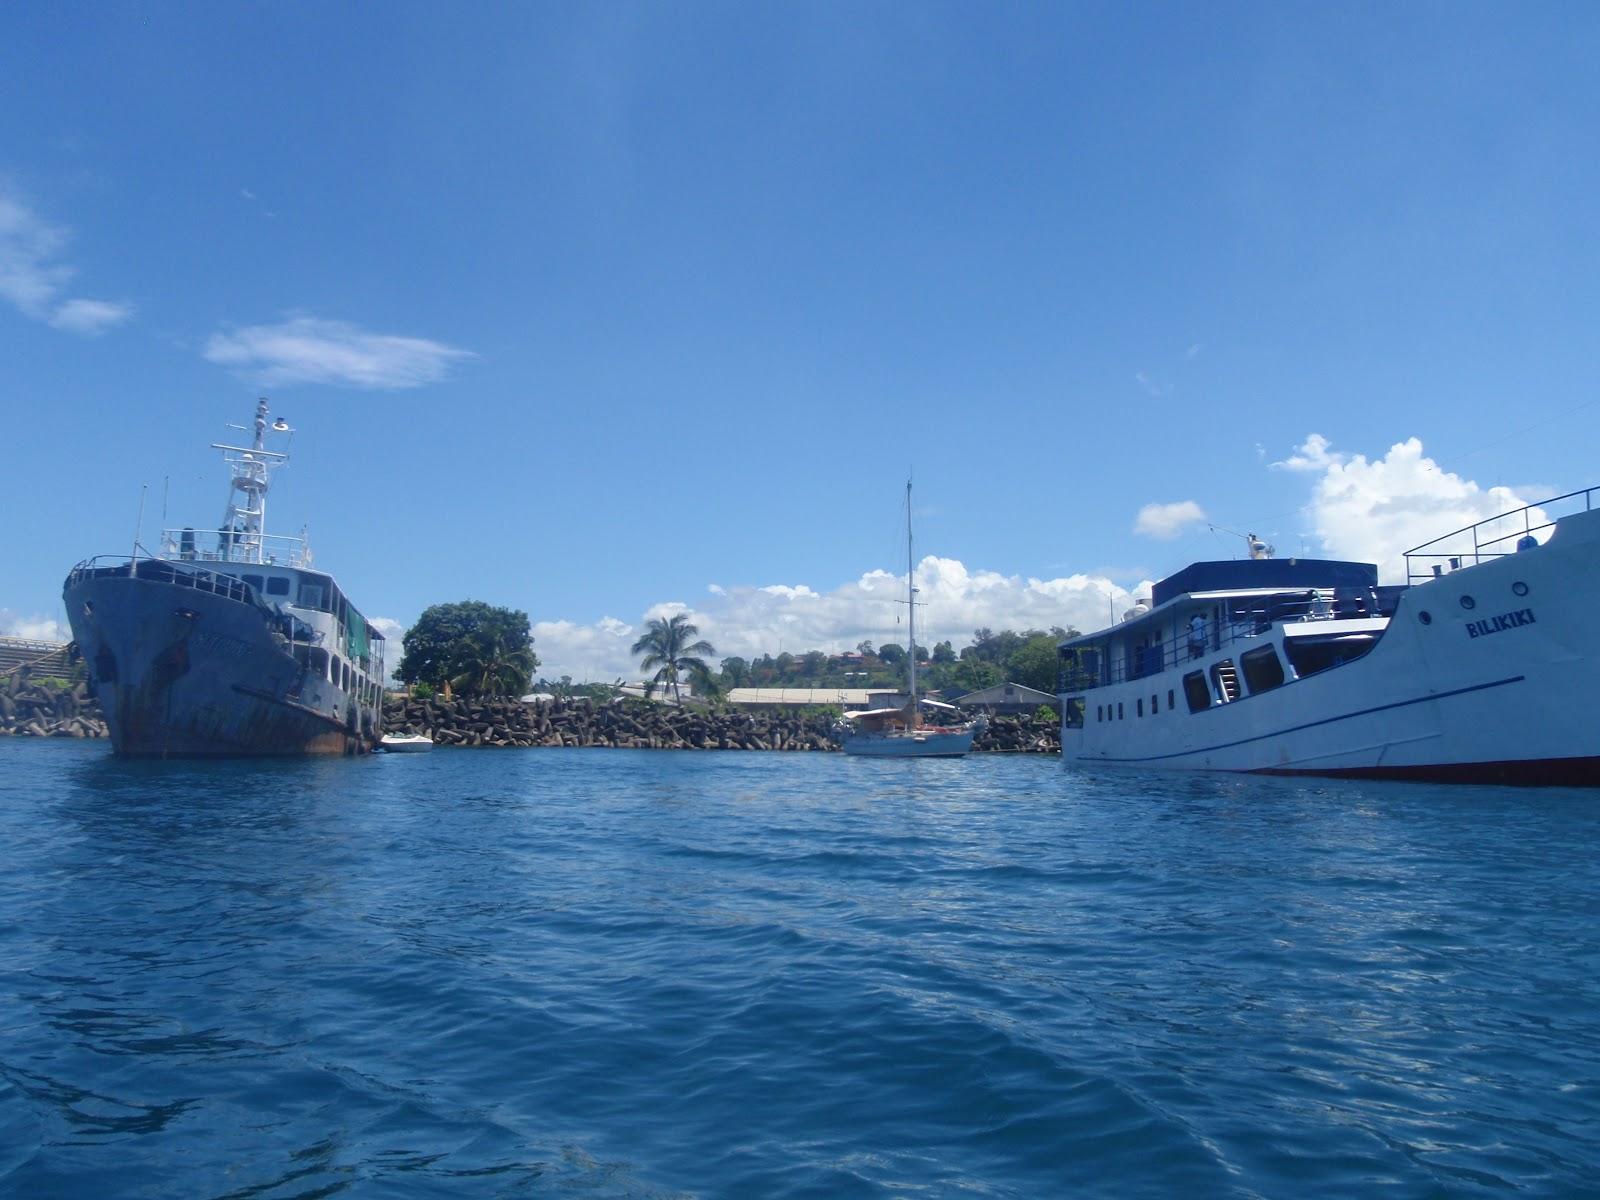 Honiara Solomon Islands  city photos gallery : SOUTHERN CROSS SOJOURN: Honiara, Solomon Islands